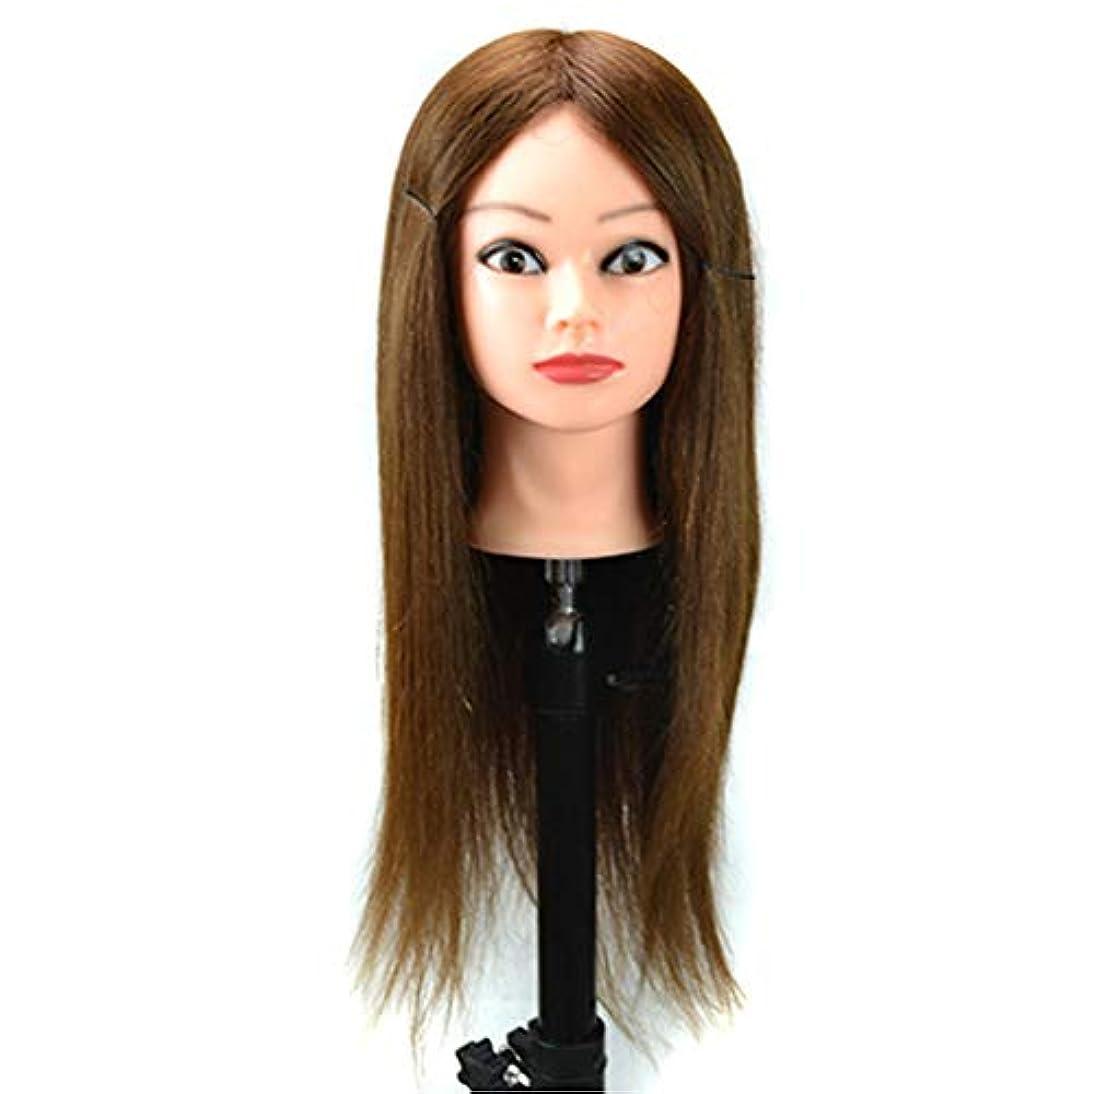 ハッピー狂人どちらか完全な毛は小さいブラケットが付いている熱いロールマネキンの頭部のヘアーサロンのトリミングの頭部の花嫁の形の毛の訓練の頭部である場合もあります,Brown